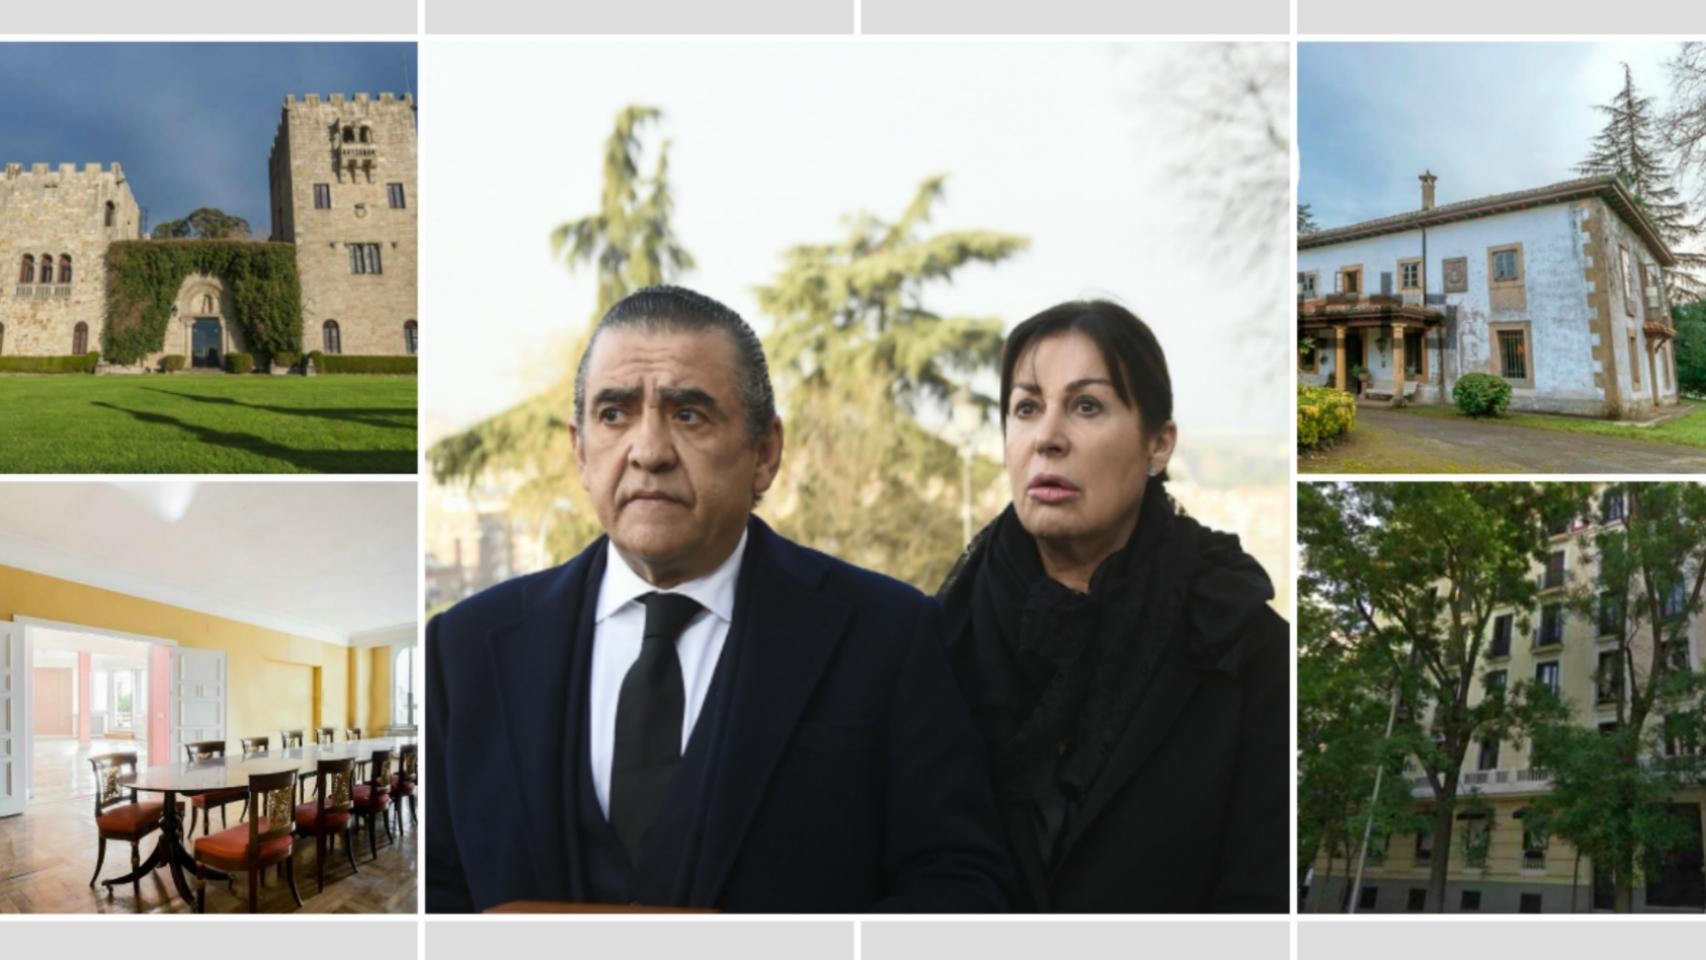 El Pazo de Meirás, el palacete asturiano y sus pisos en Madrid no están logrando el interés esperado.